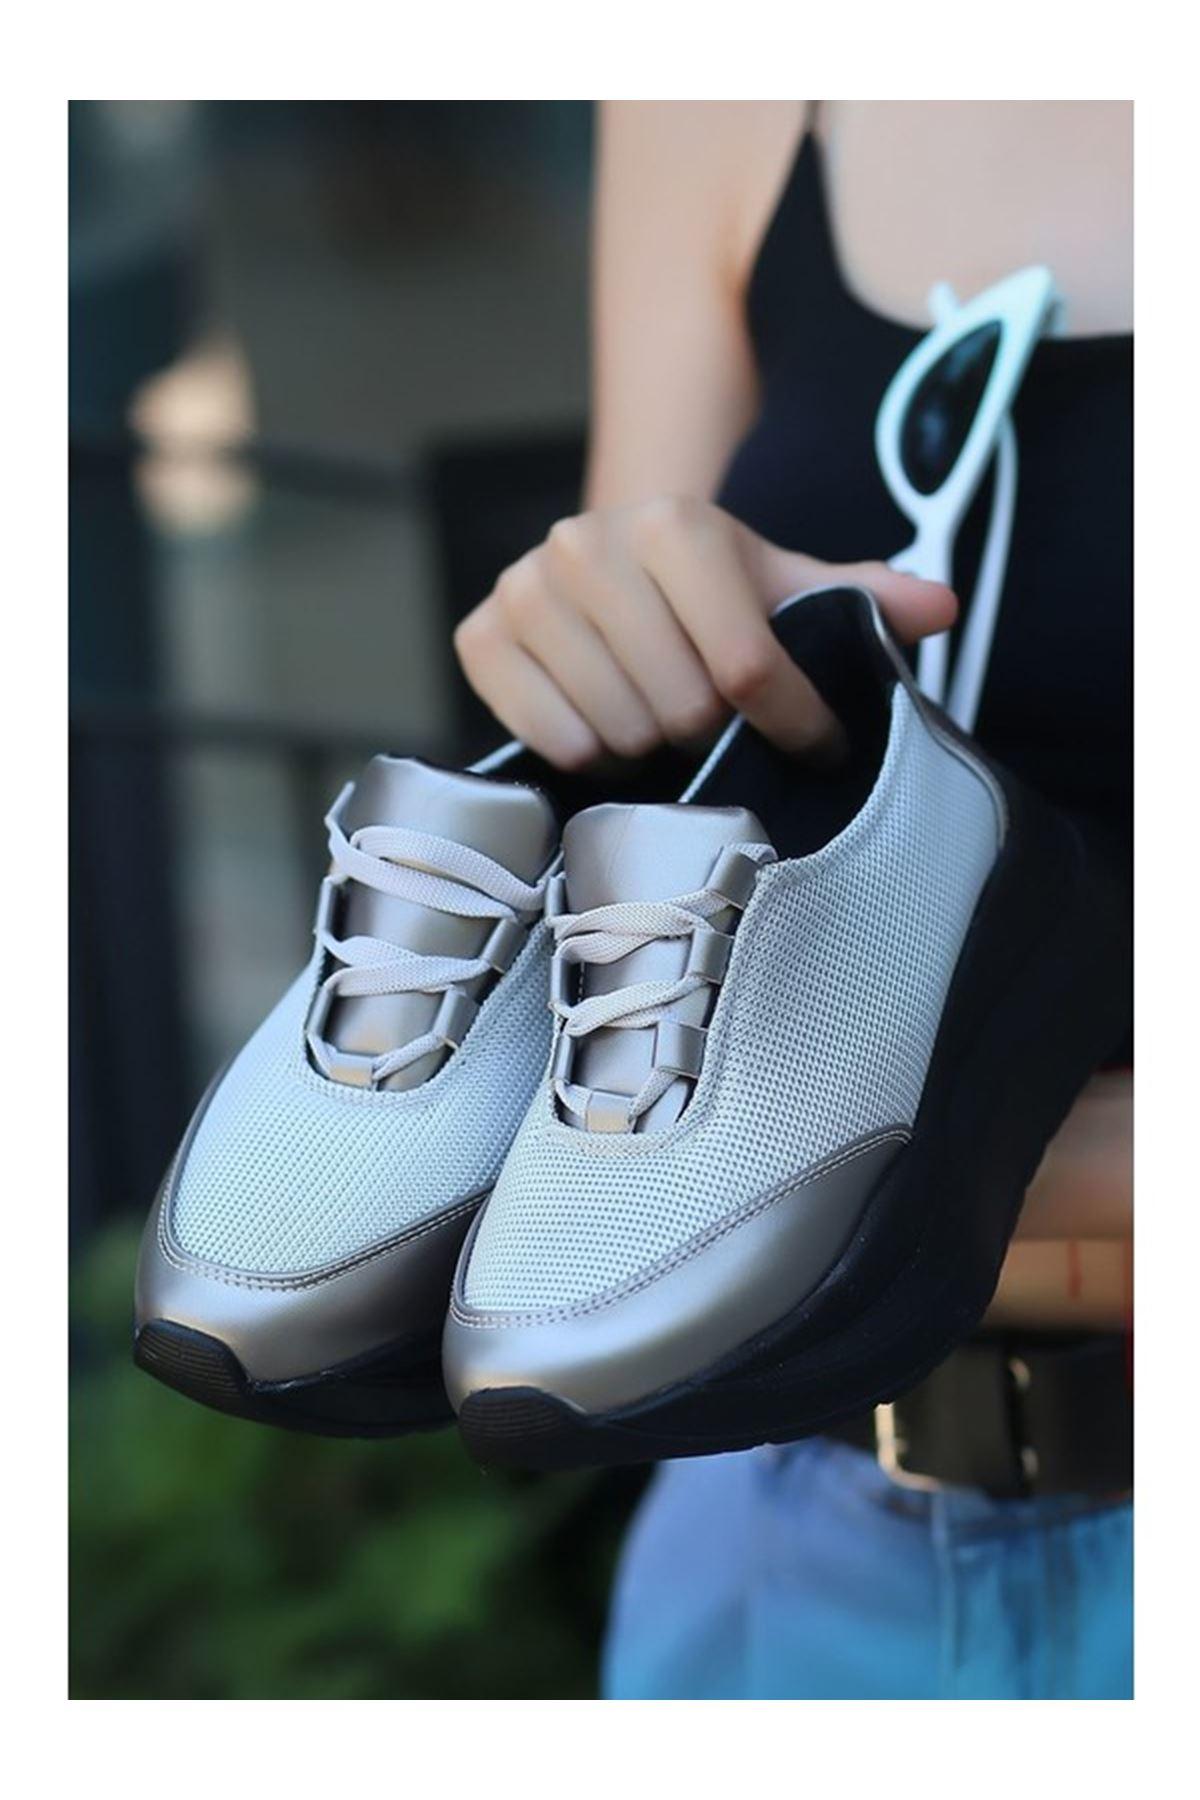 Rojek Gri Topuk Bayan Spor Ayakkabı